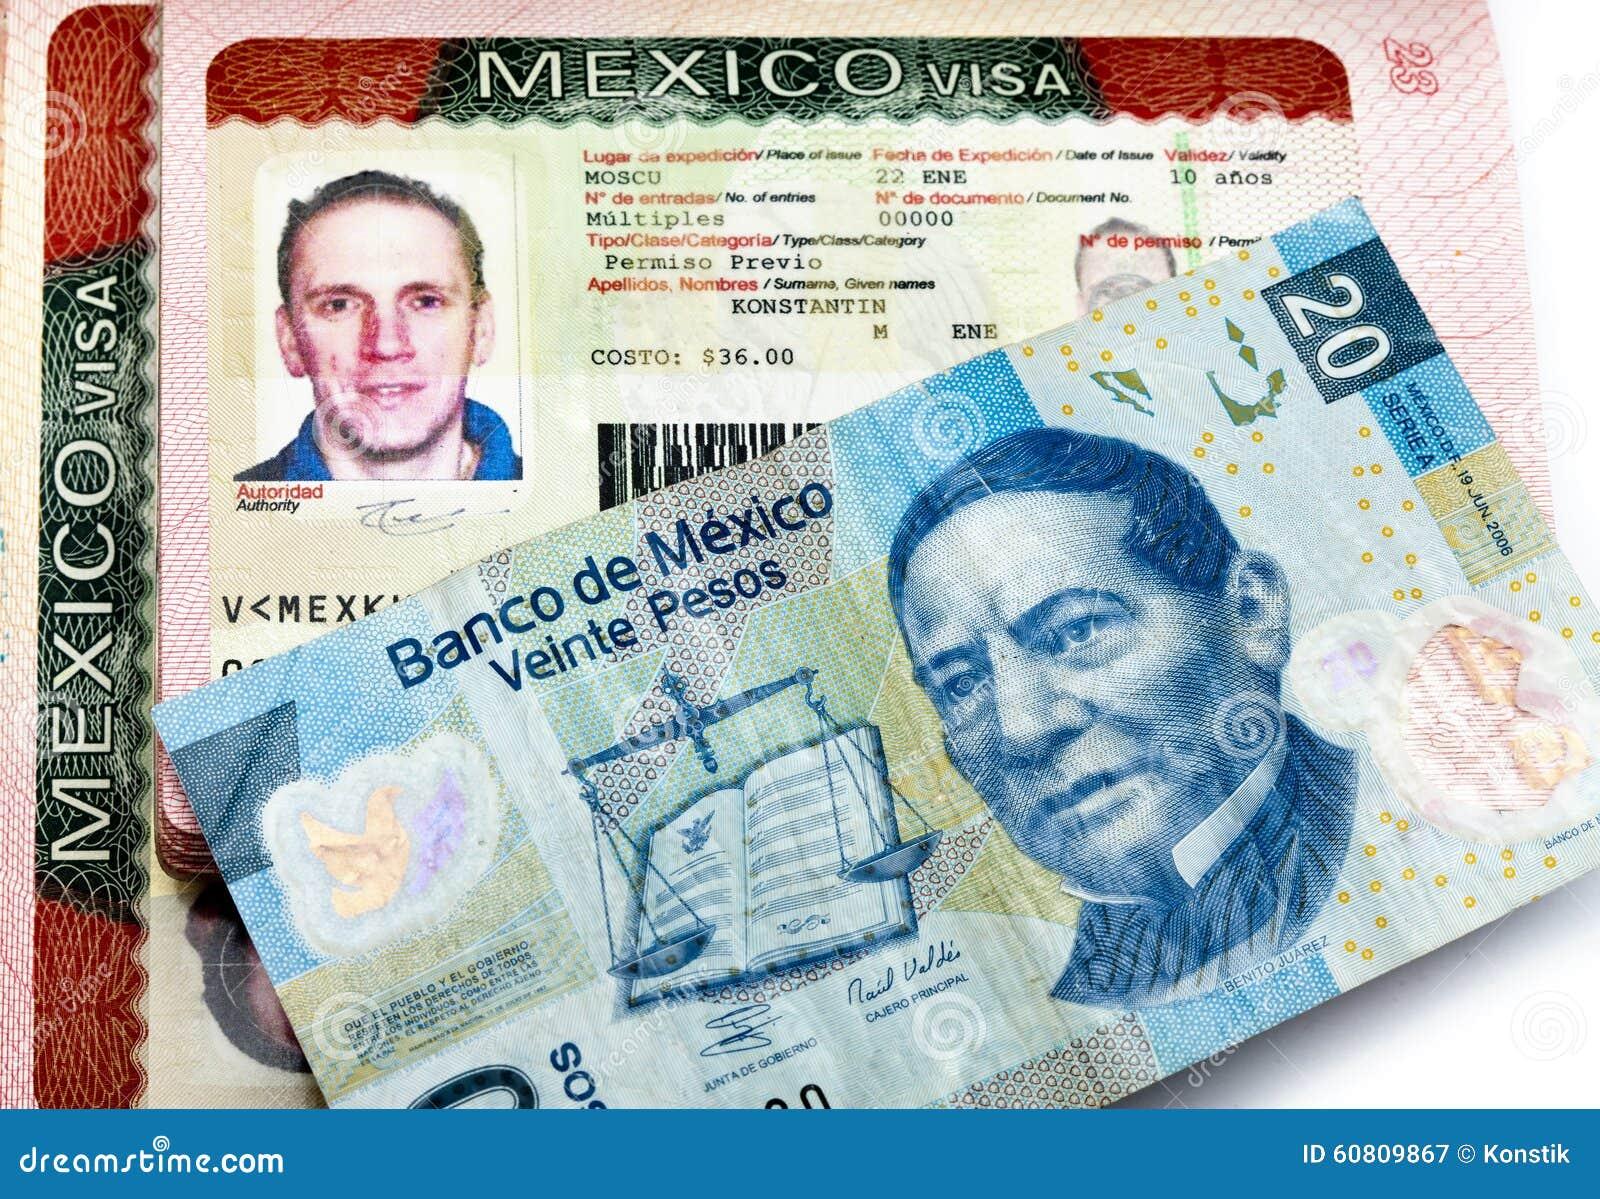 Russian Visas International 62